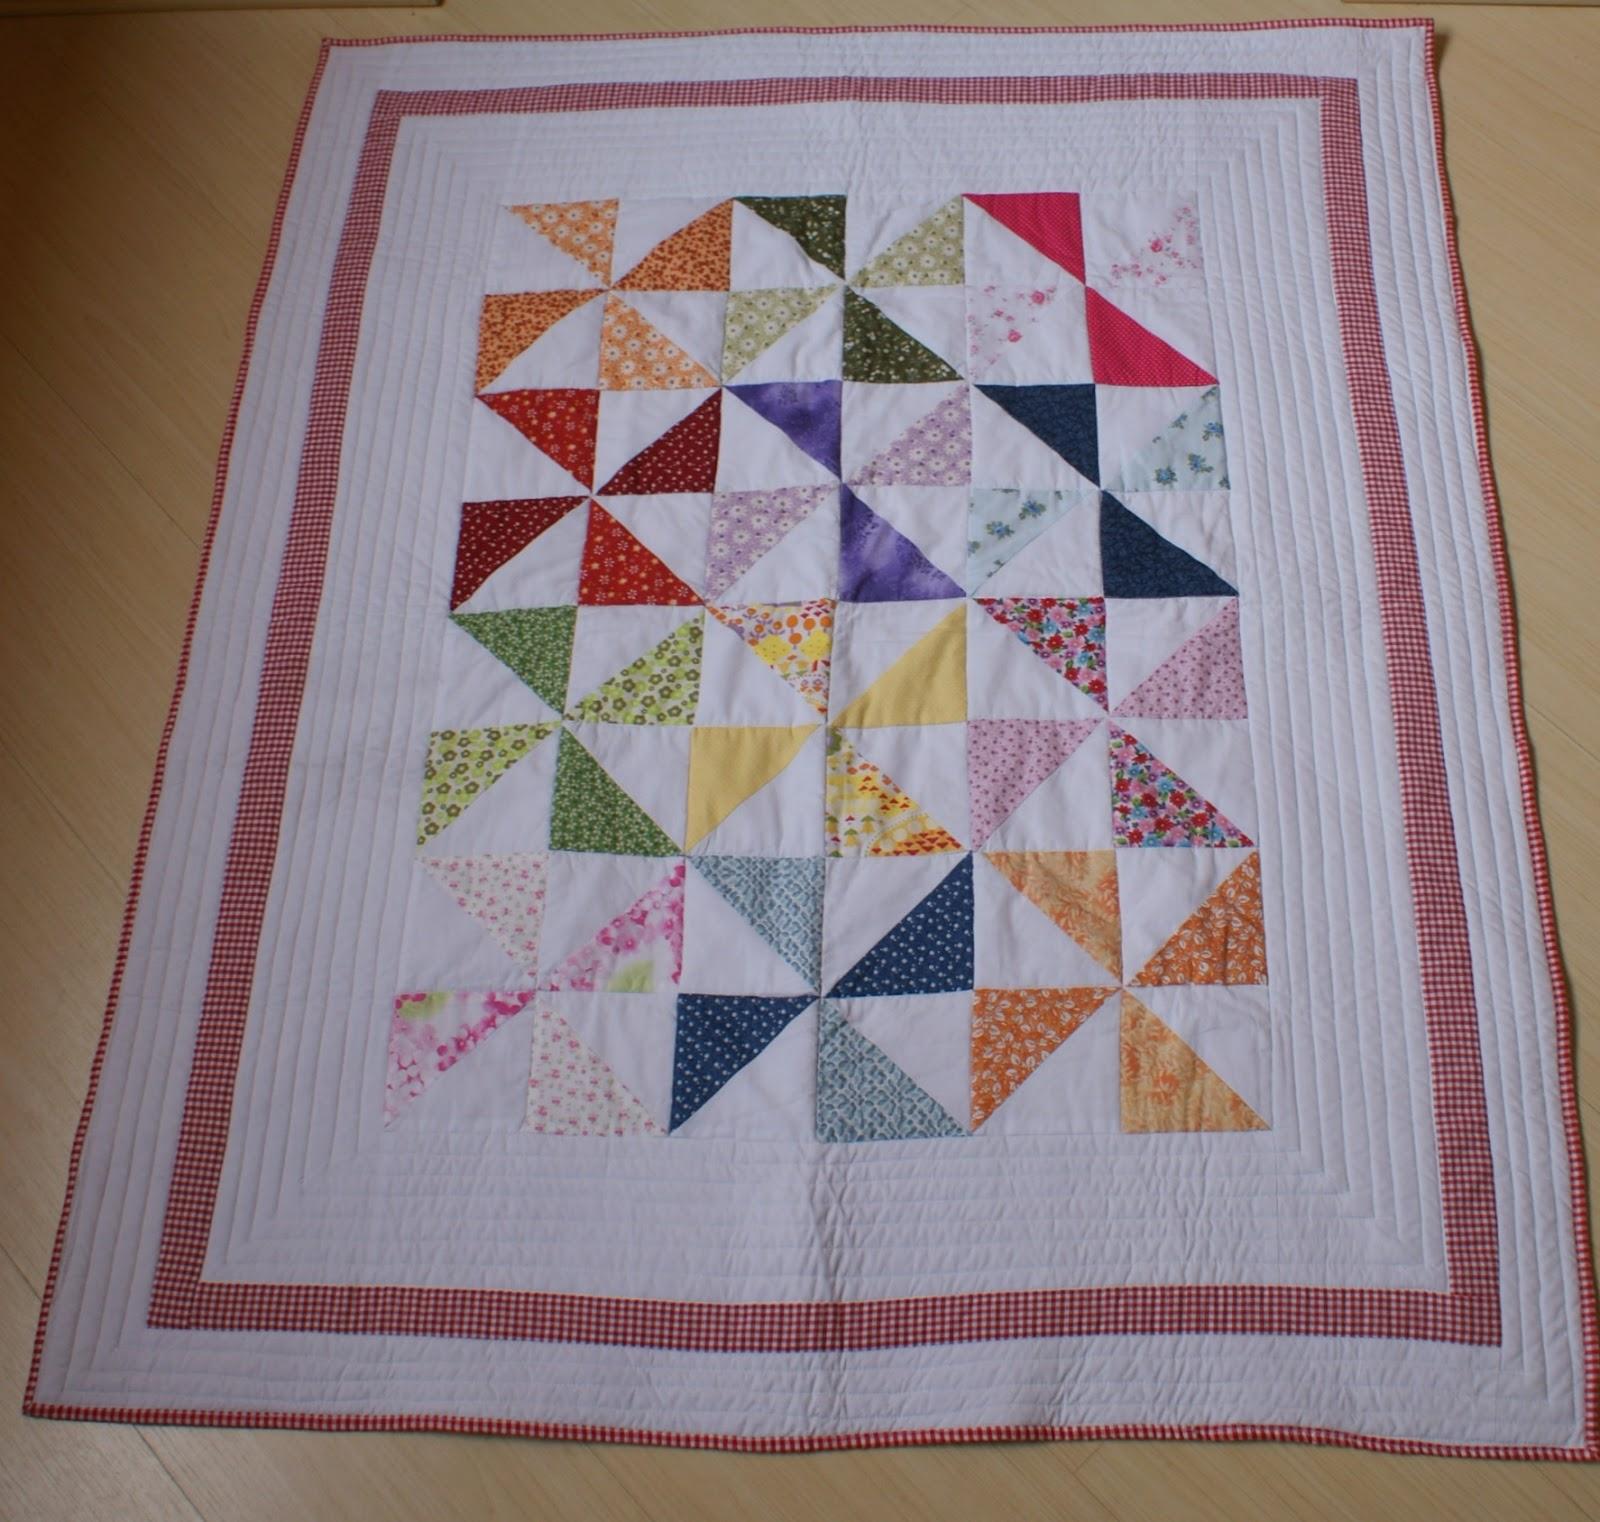 Arte de unir retalhos manta de beb patchwork com bloco - Como hacer mantas de patchwork ...